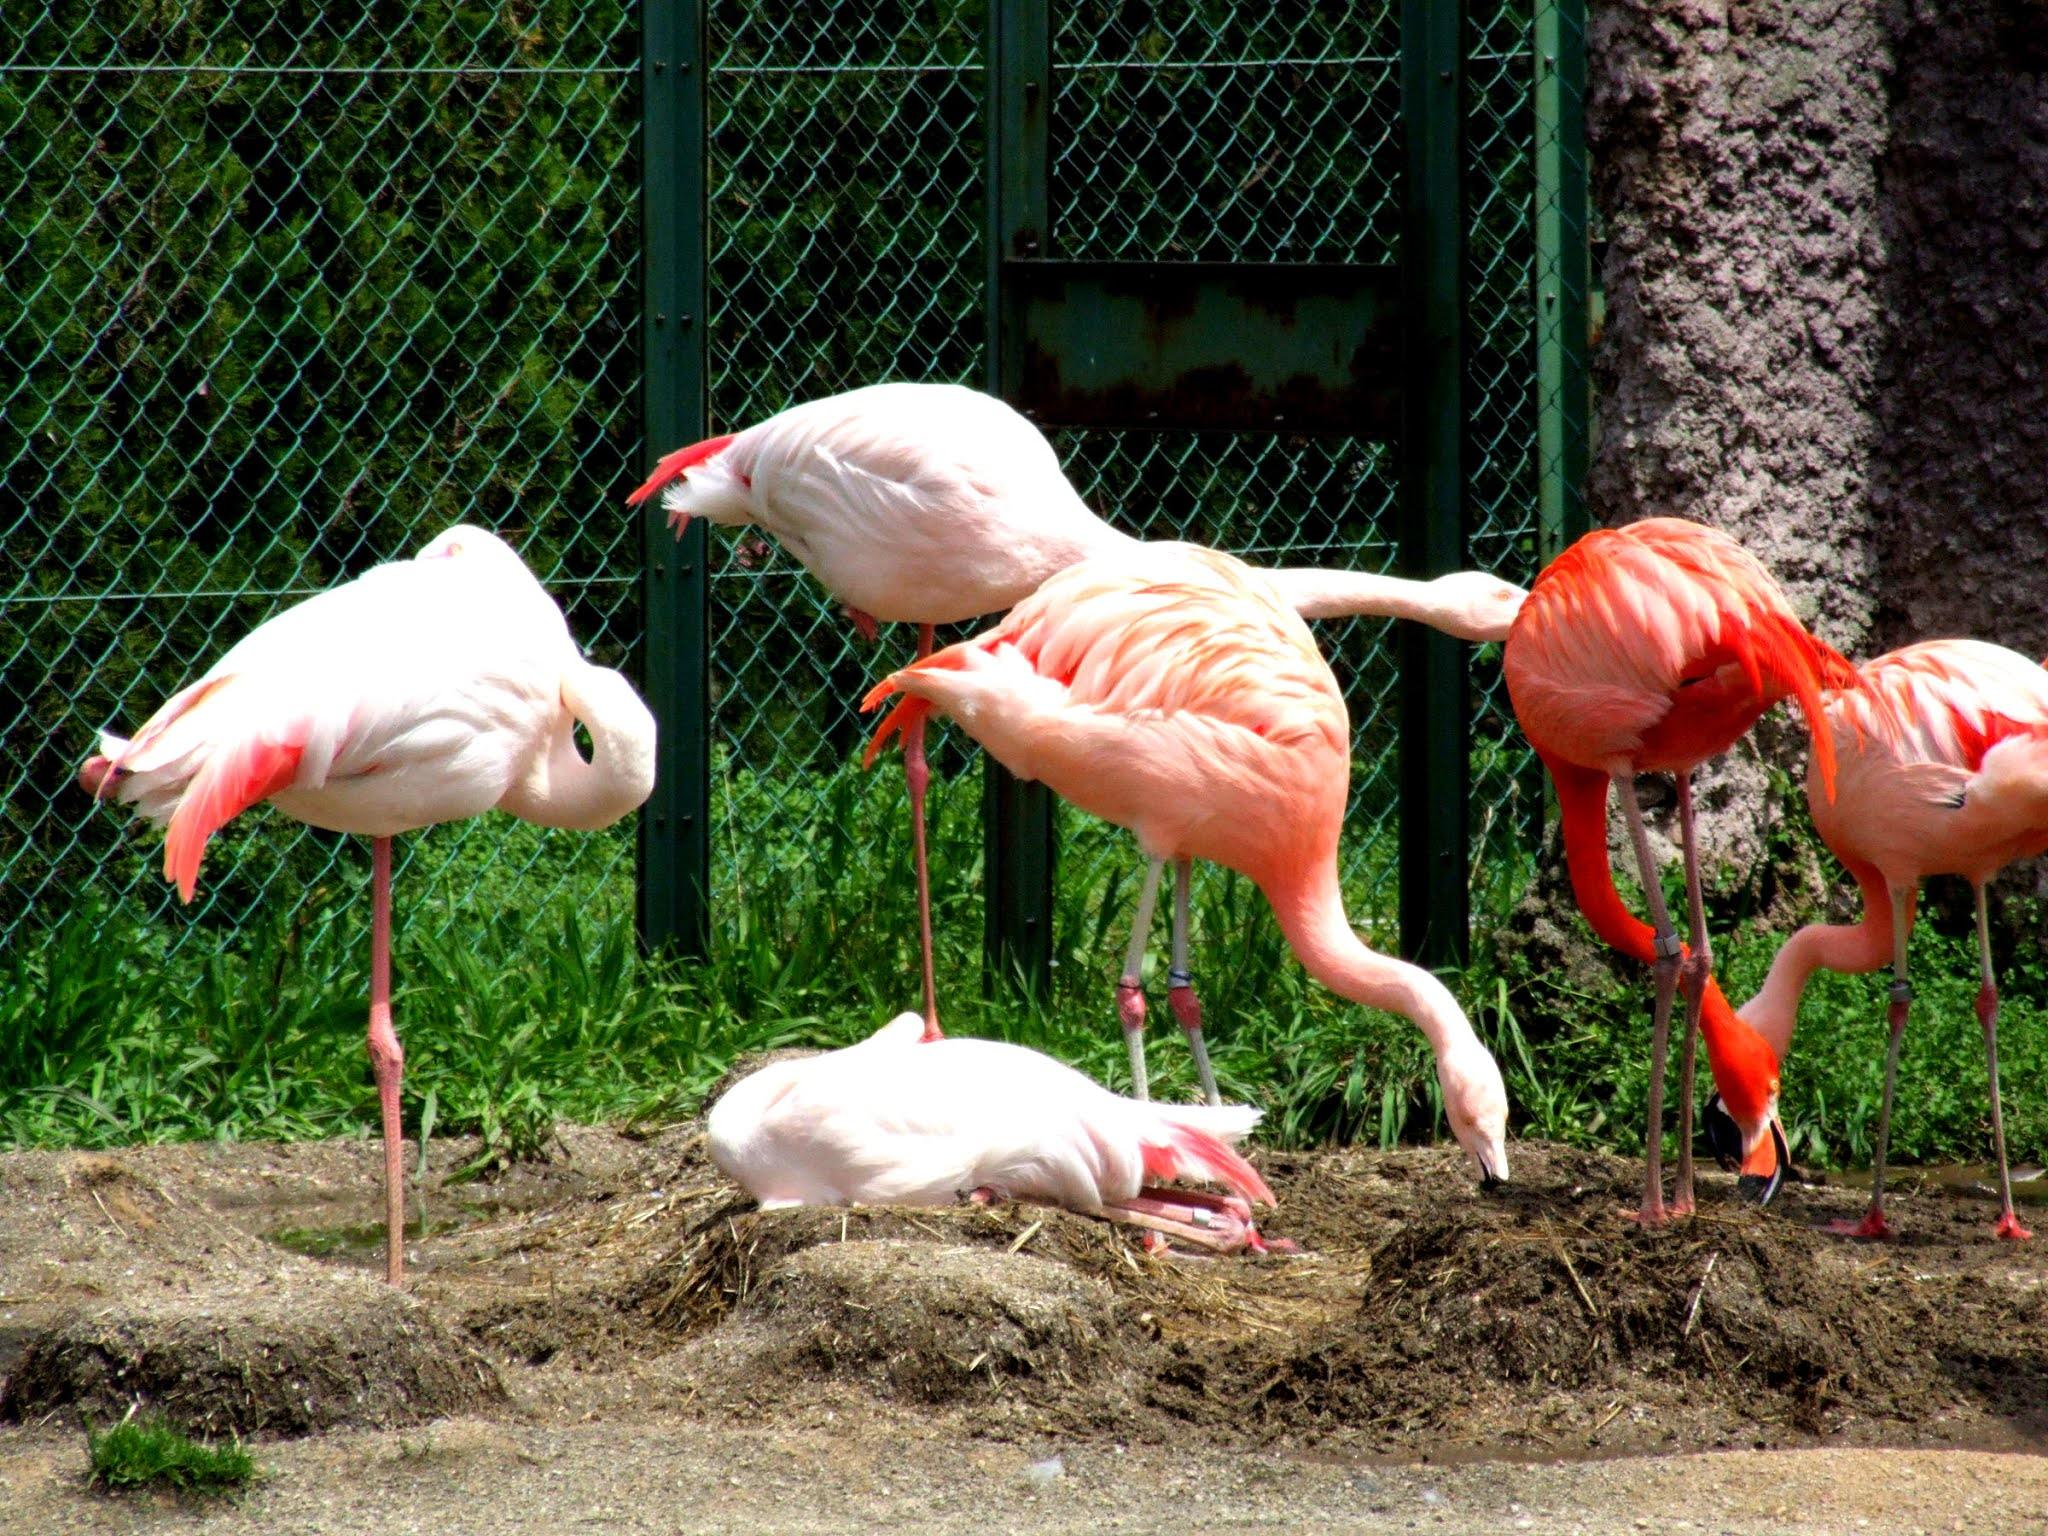 ピンク色が鮮やかなフラミンゴの写真素材です。白っぽい子、かなり赤い子など色あざやかで可愛いですね